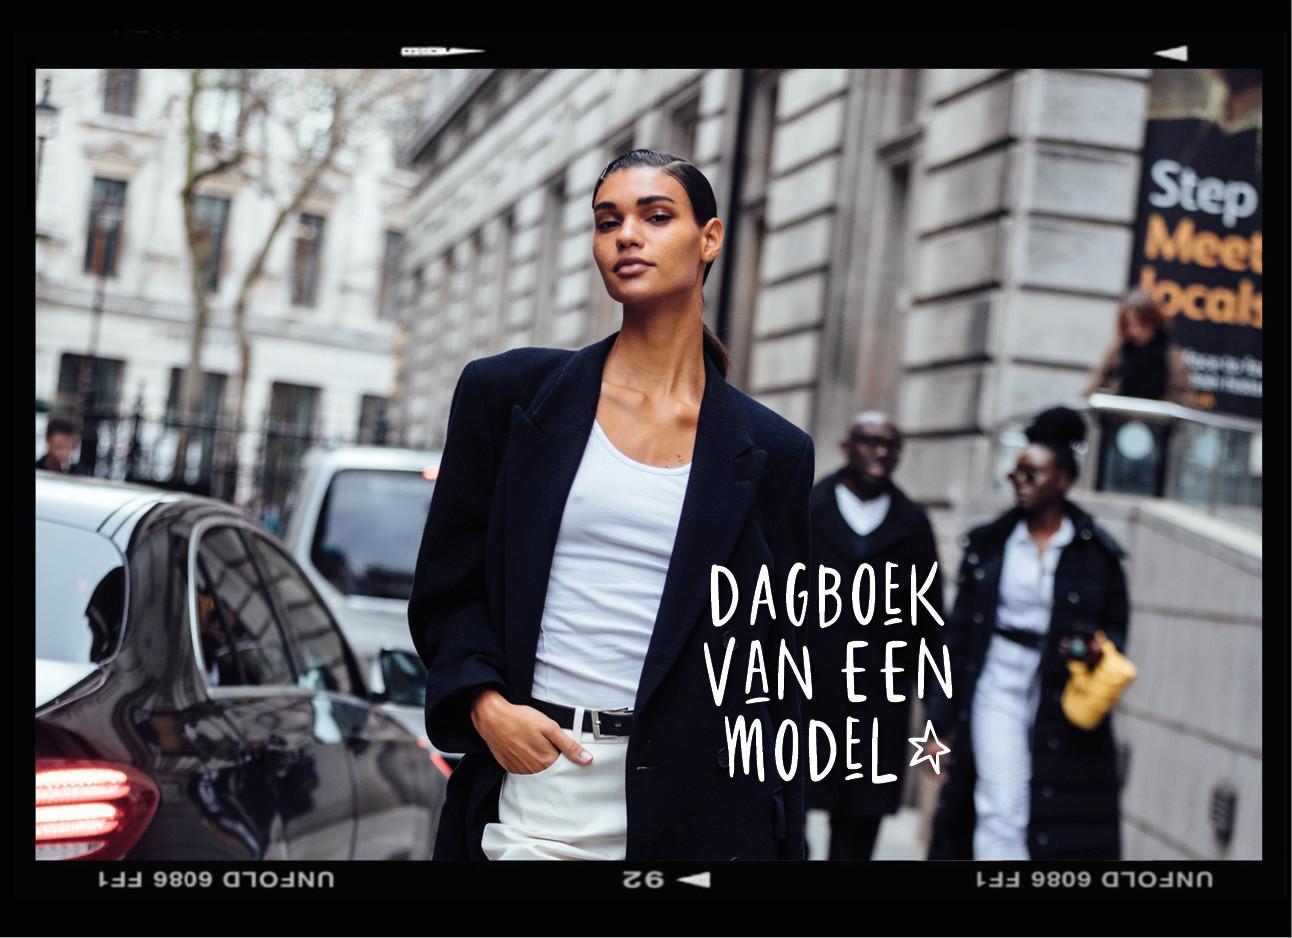 dagboek van een model